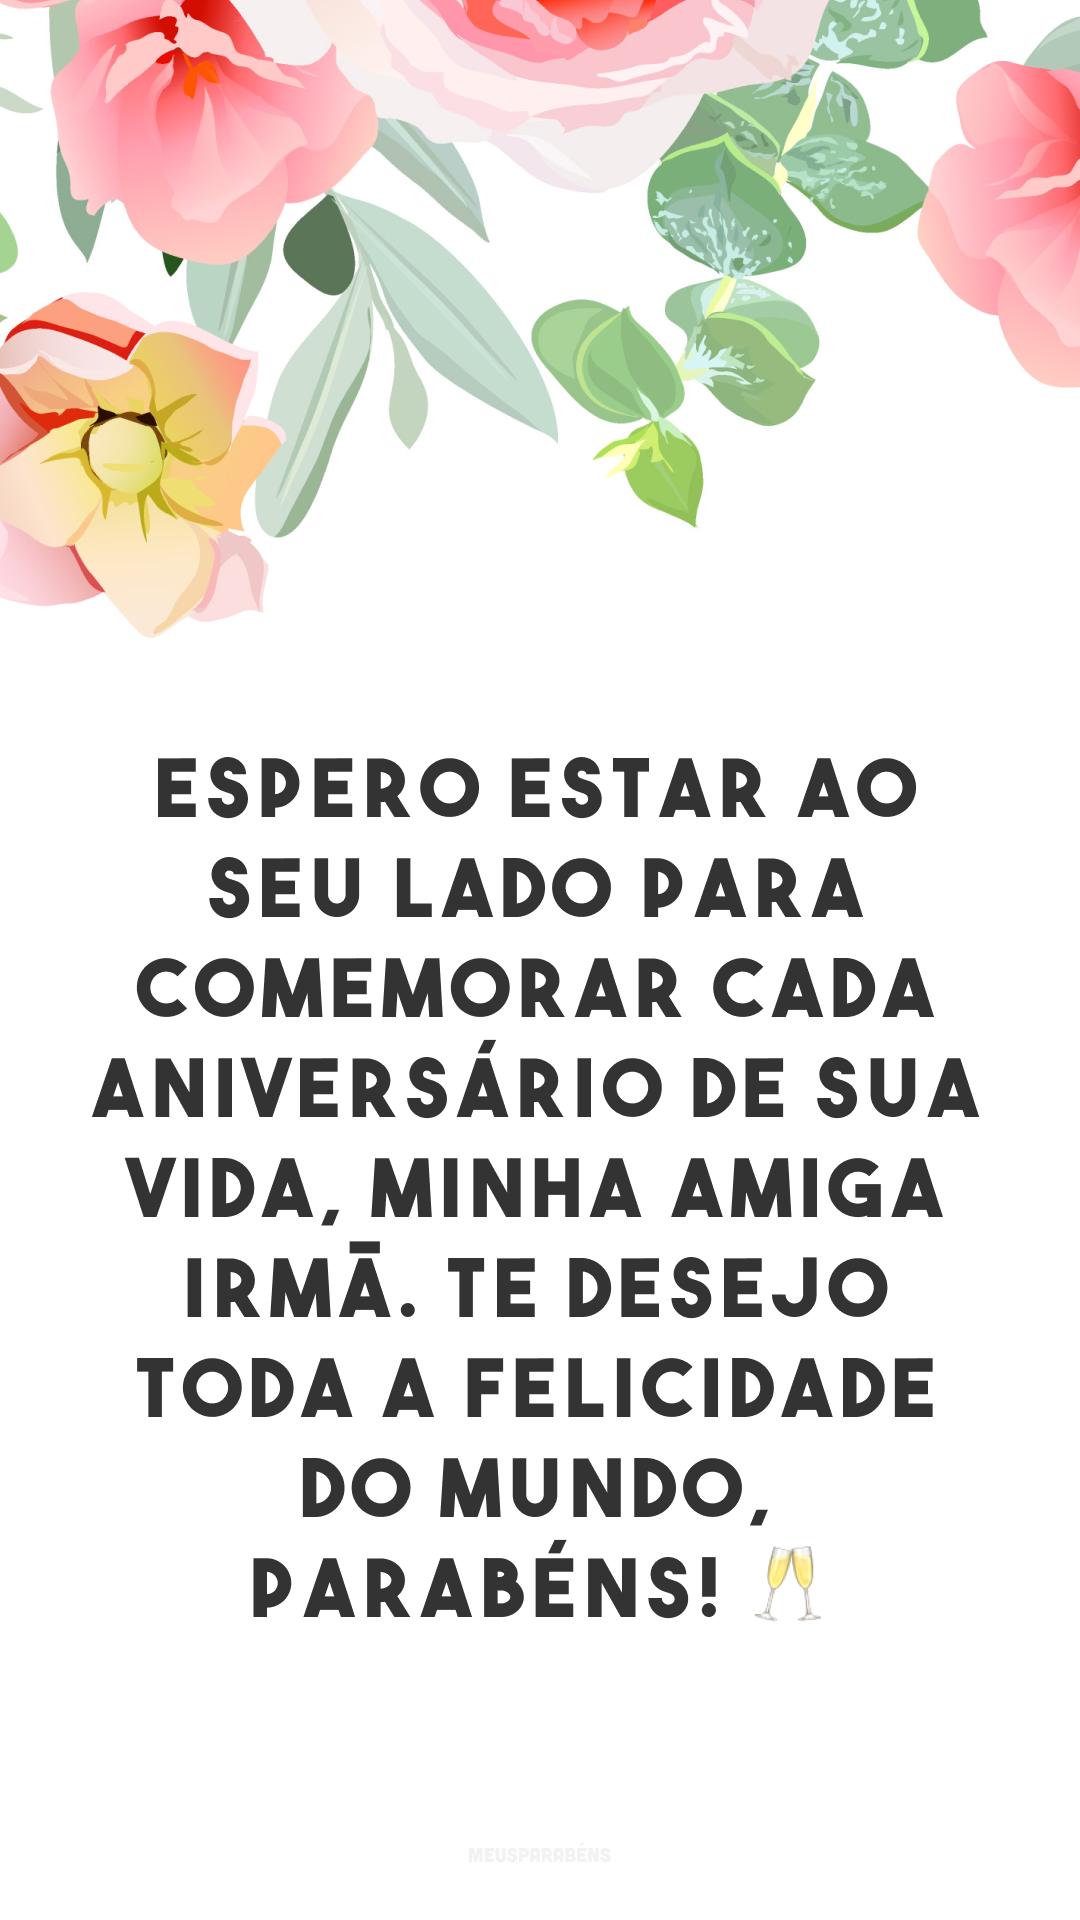 Espero estar ao seu lado para comemorar cada aniversário de sua vida, minha amiga irmã. Te desejo toda a felicidade do mundo, parabéns! 🥂